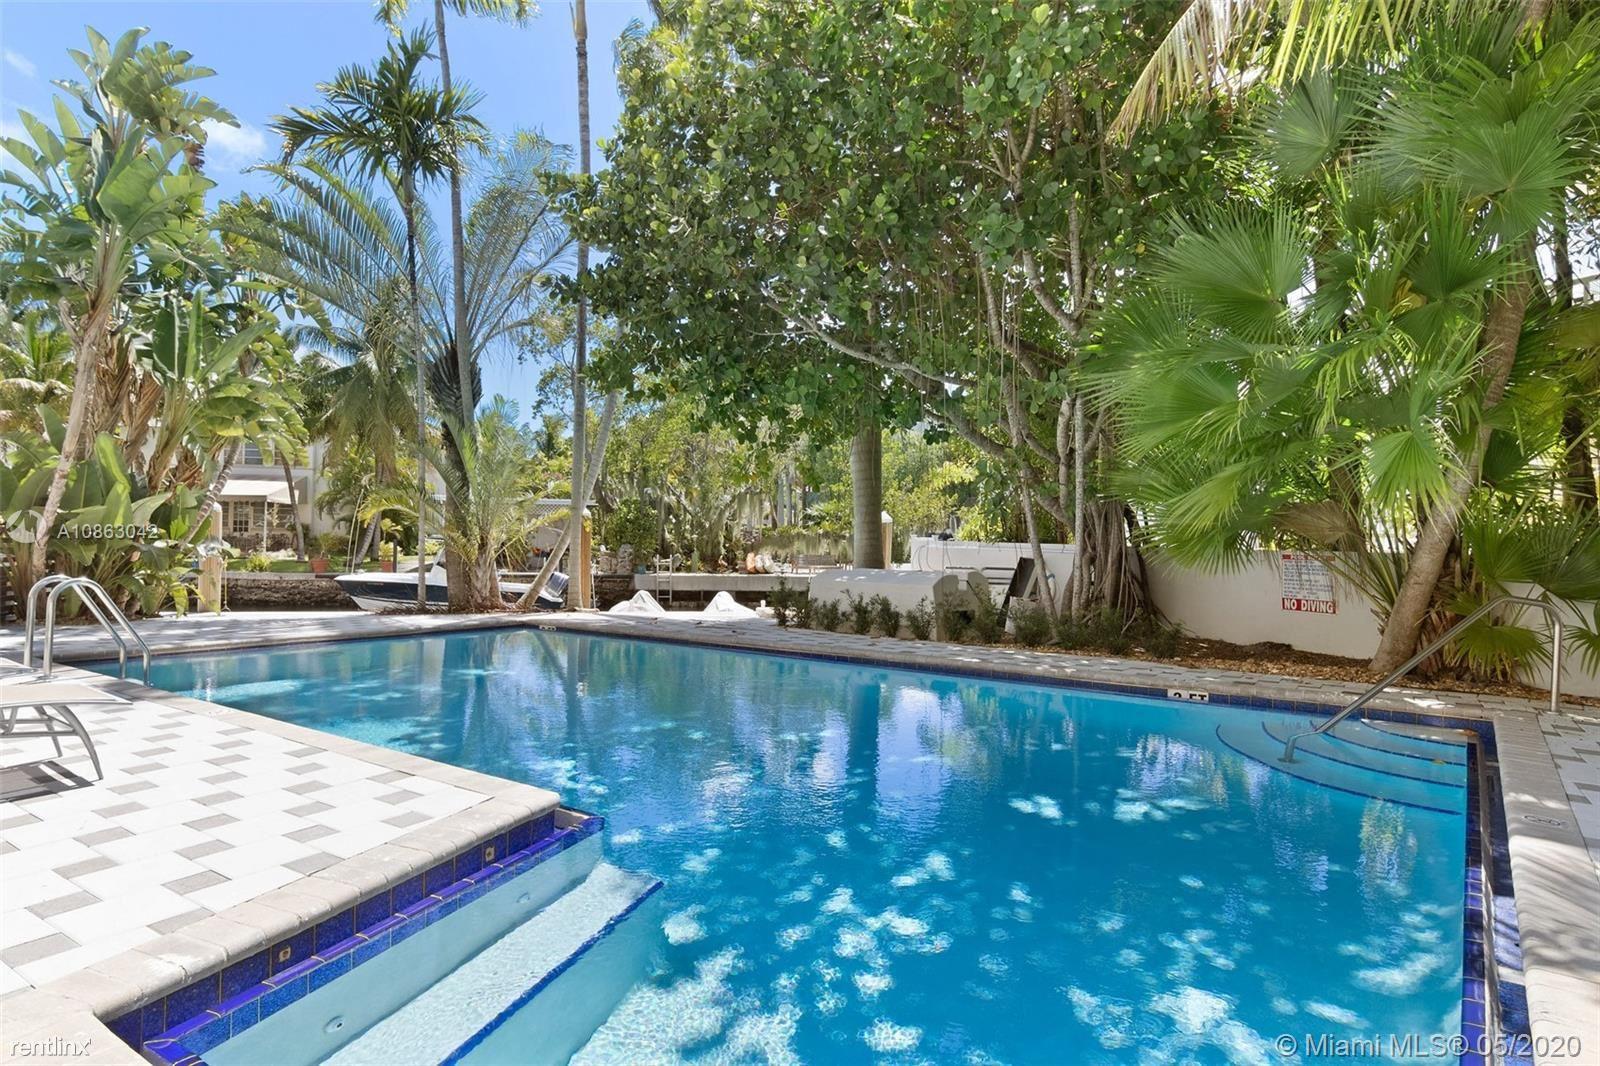 3564 W Fairview St, Miami, FL - $8,000